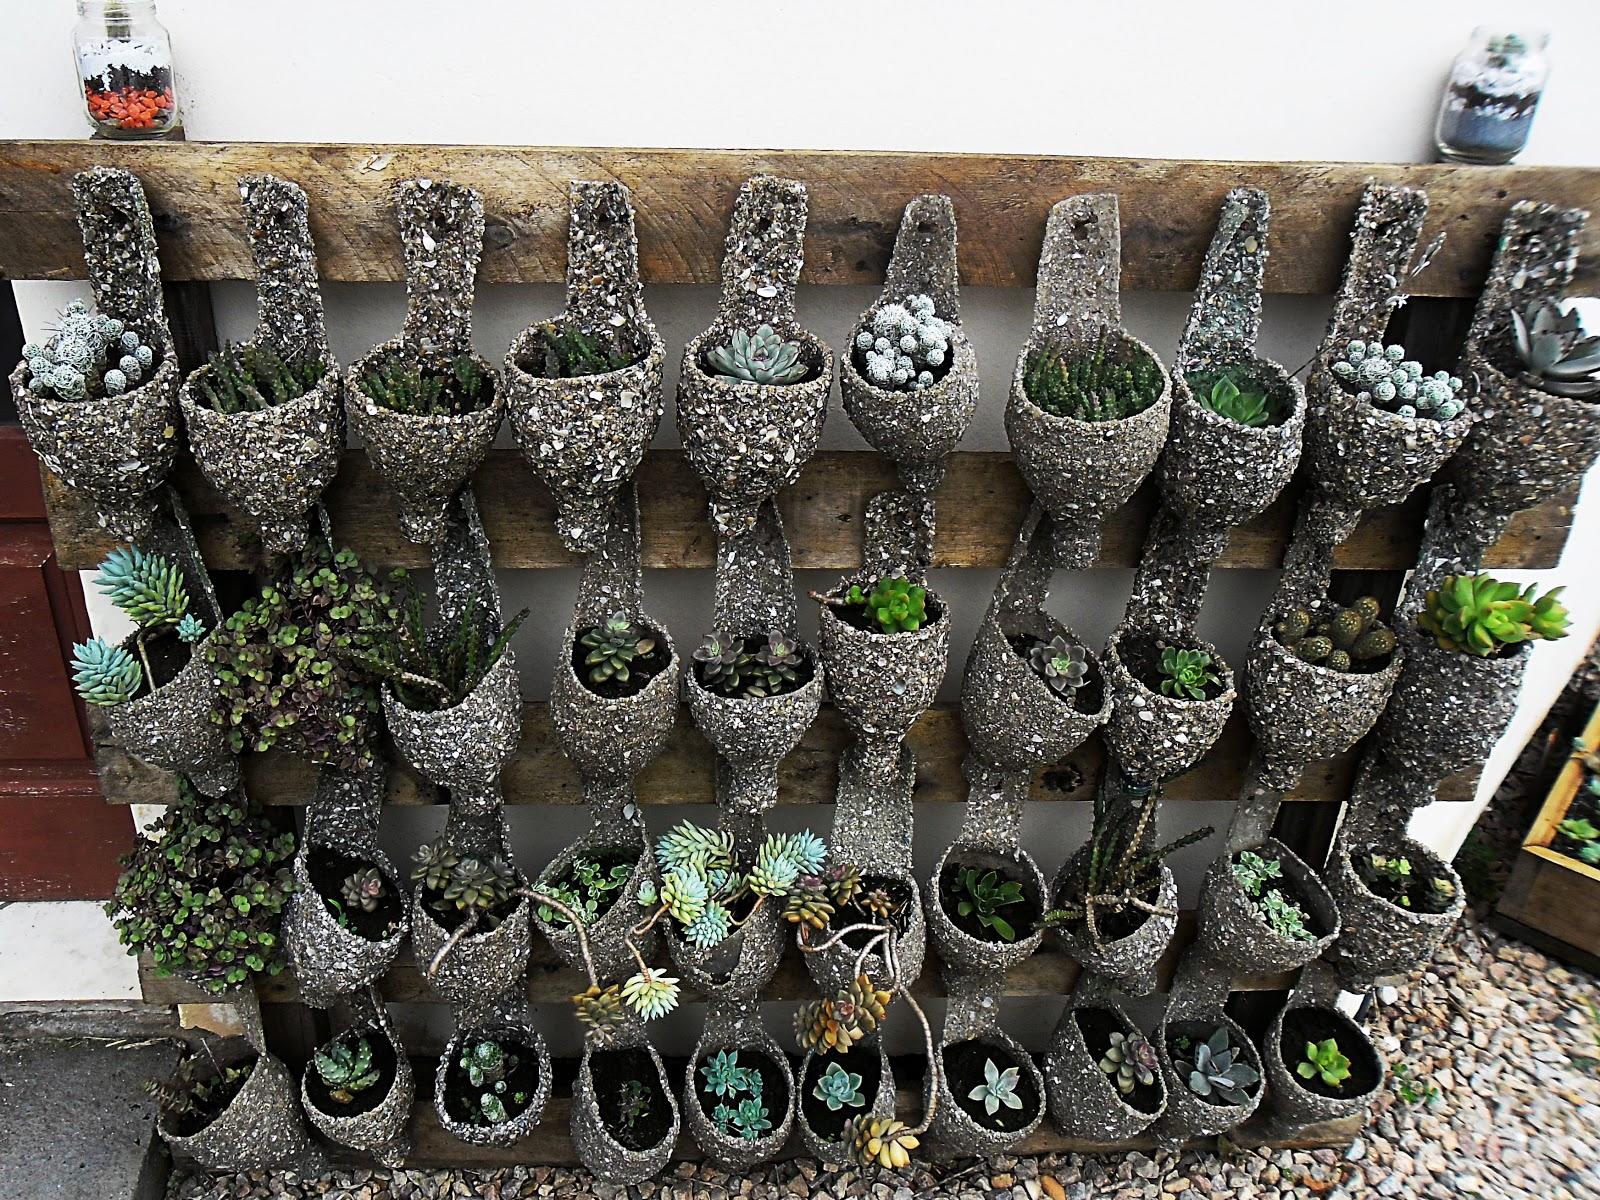 fazer jardim vertical garrafa pet: com a parte superior da garrafa com lindas suculentas plantadas